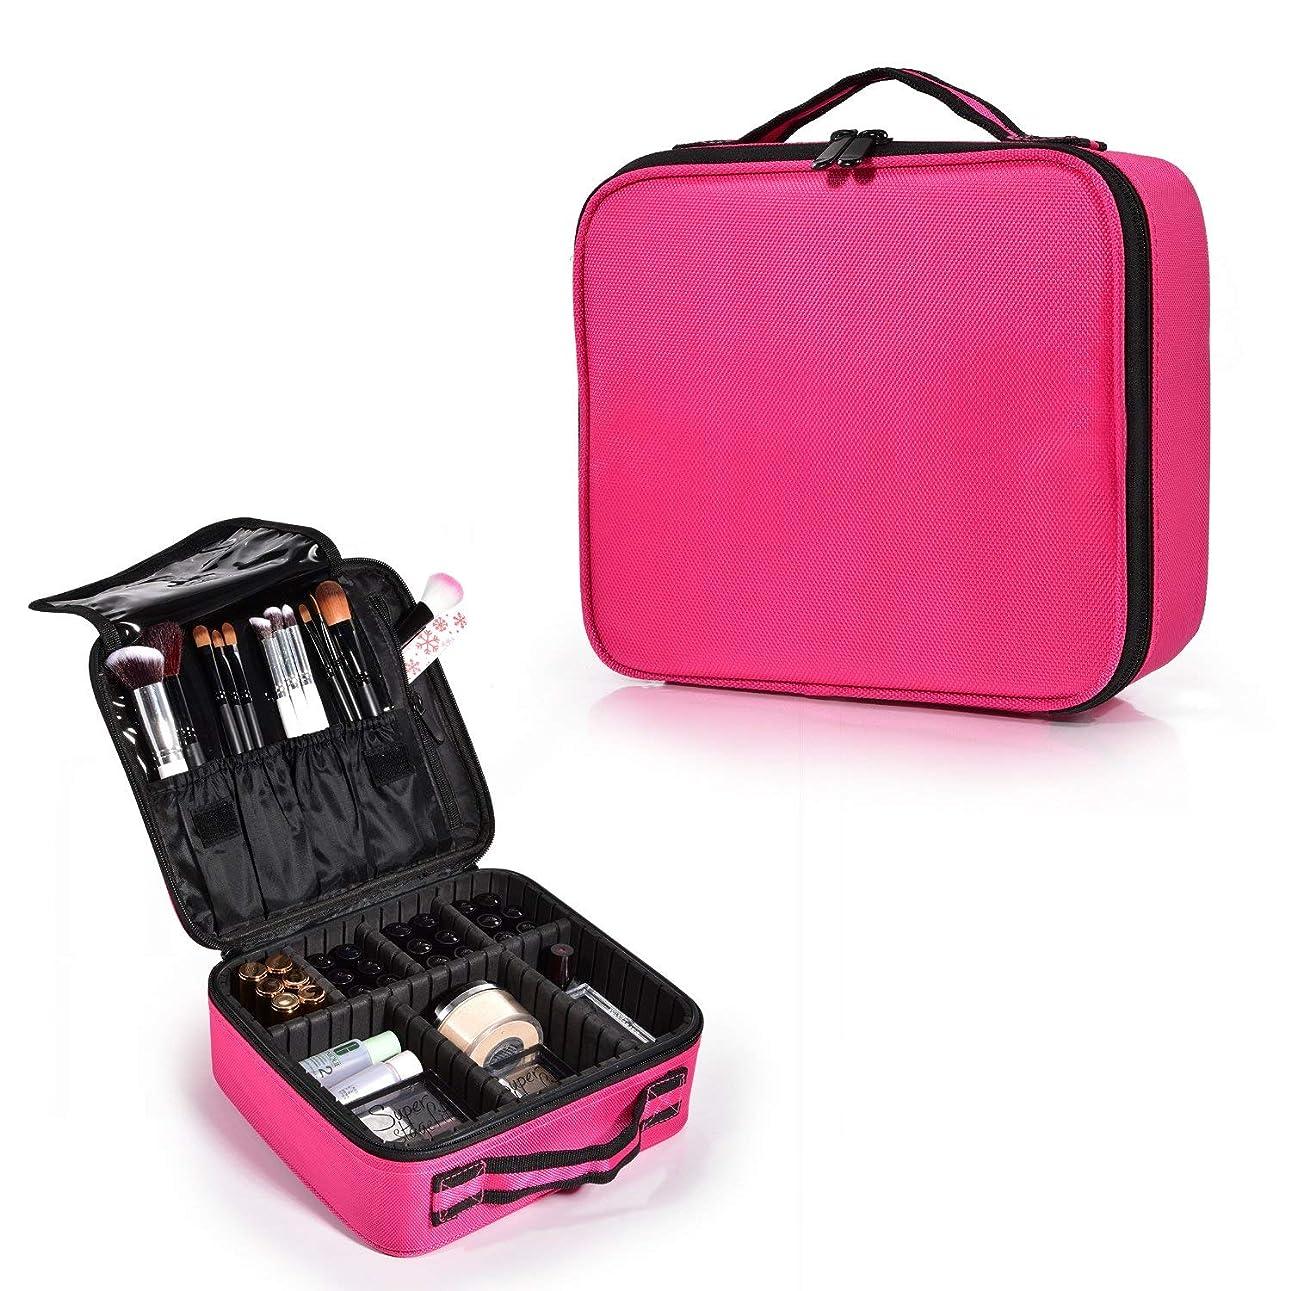 広げる支援実行するHapilife メイクボックス 化粧バッグ軽量で持ち運び可能 スーツケース トラベルバッグ 化粧 バッグ 調整可能なインサート収納袋